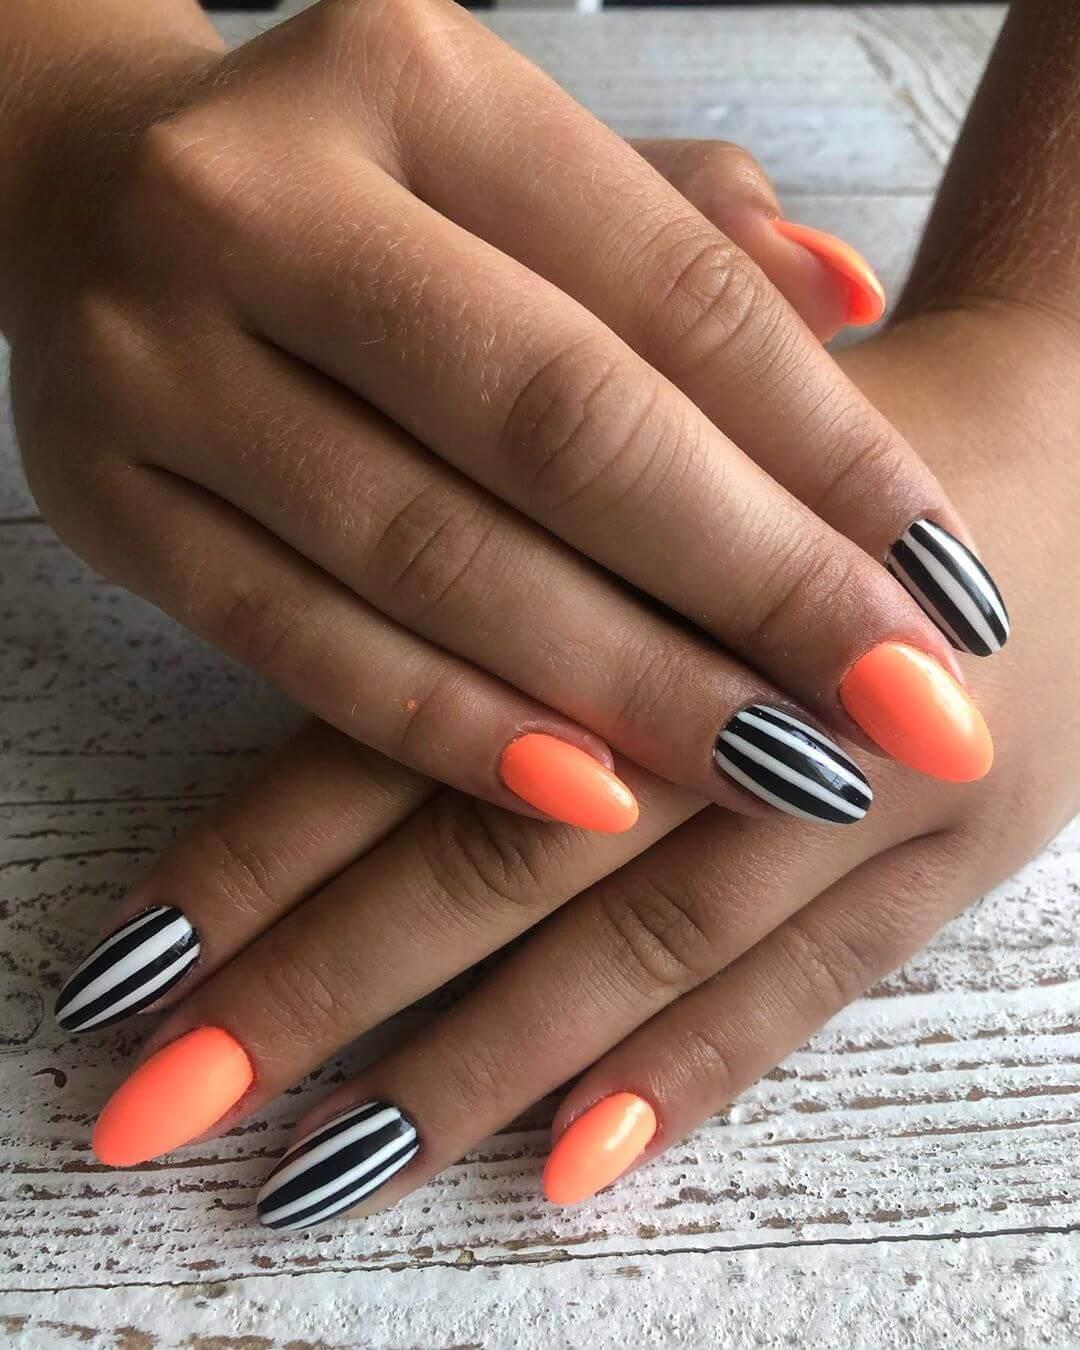 uñas color naranja neon con blanco y negro